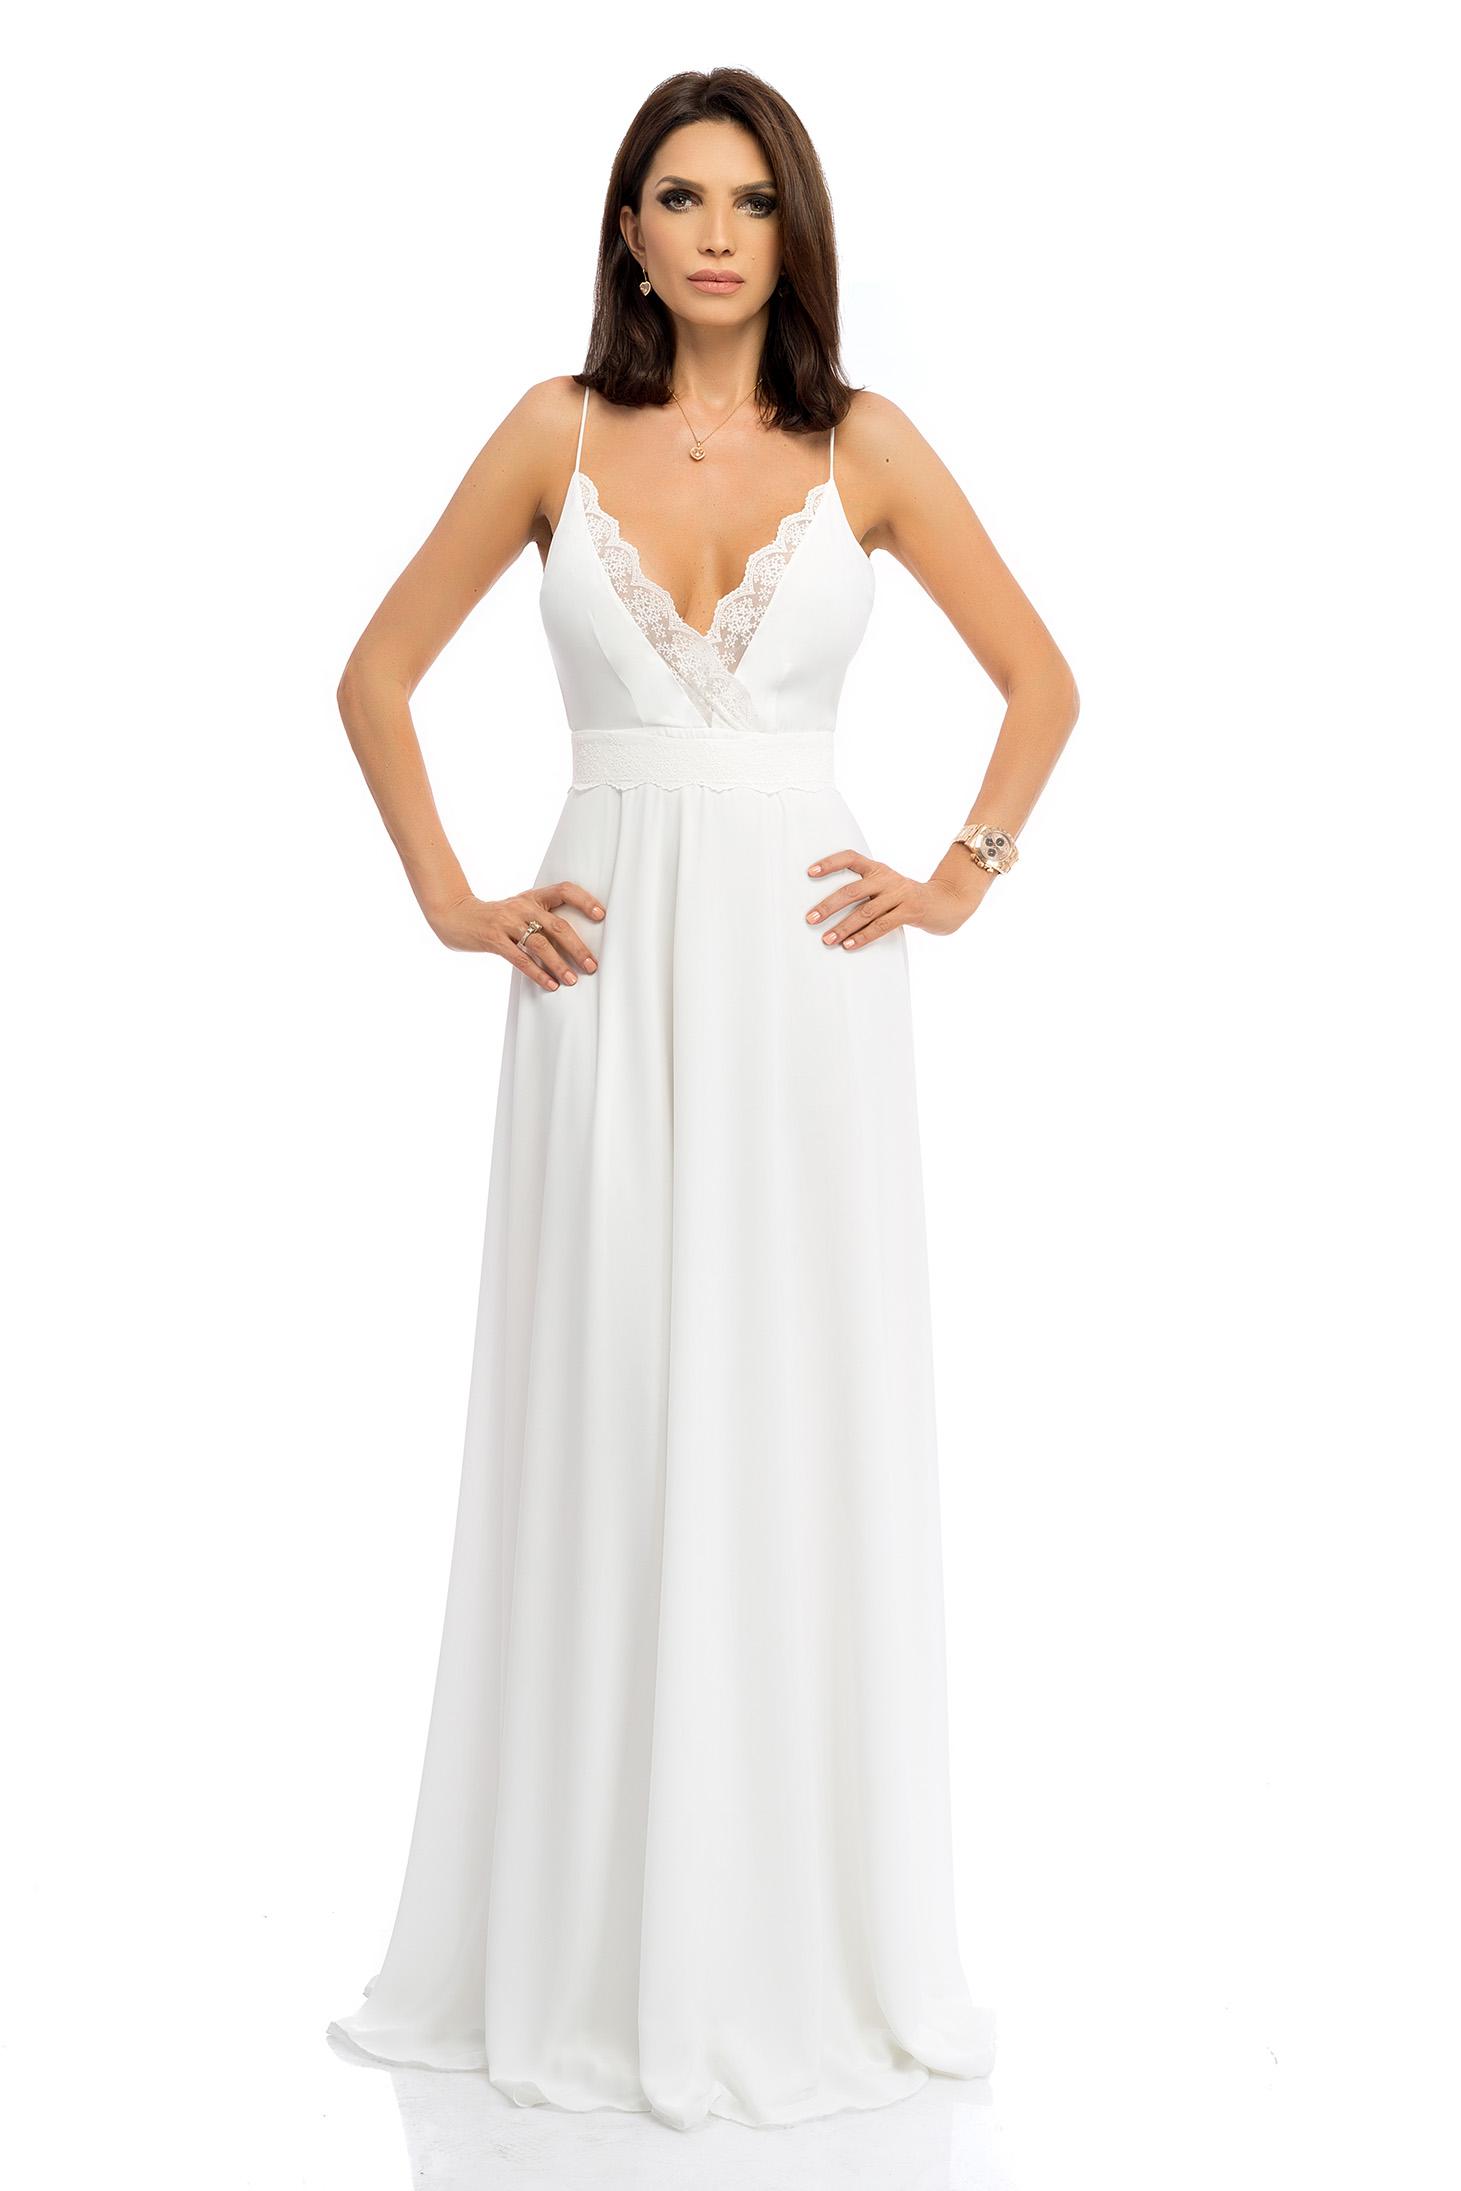 Rochie alba rochii maxi lunga in clos cu bretele cu aplicatii de dantela